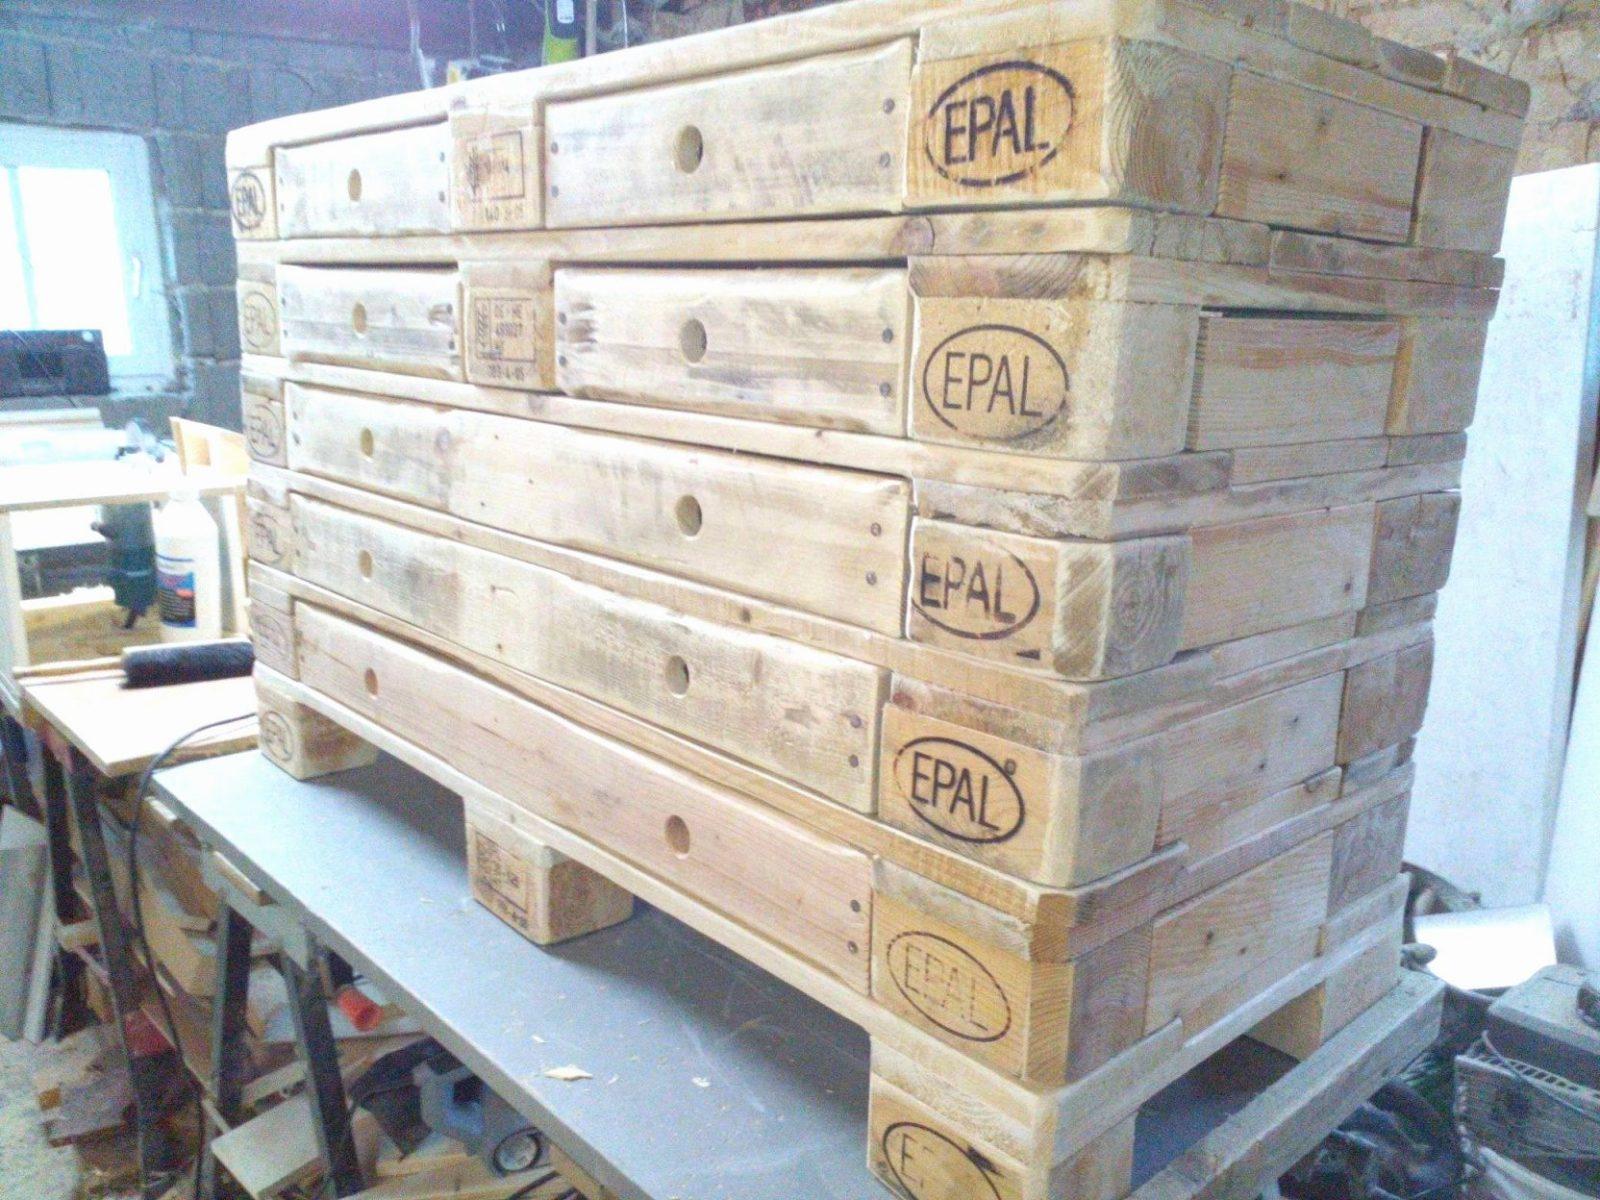 Bett Bauen Aus Paletten Frisch 39 Elegant Schallplatten Regal Selber von Schallplatten Regal Selber Bauen Photo